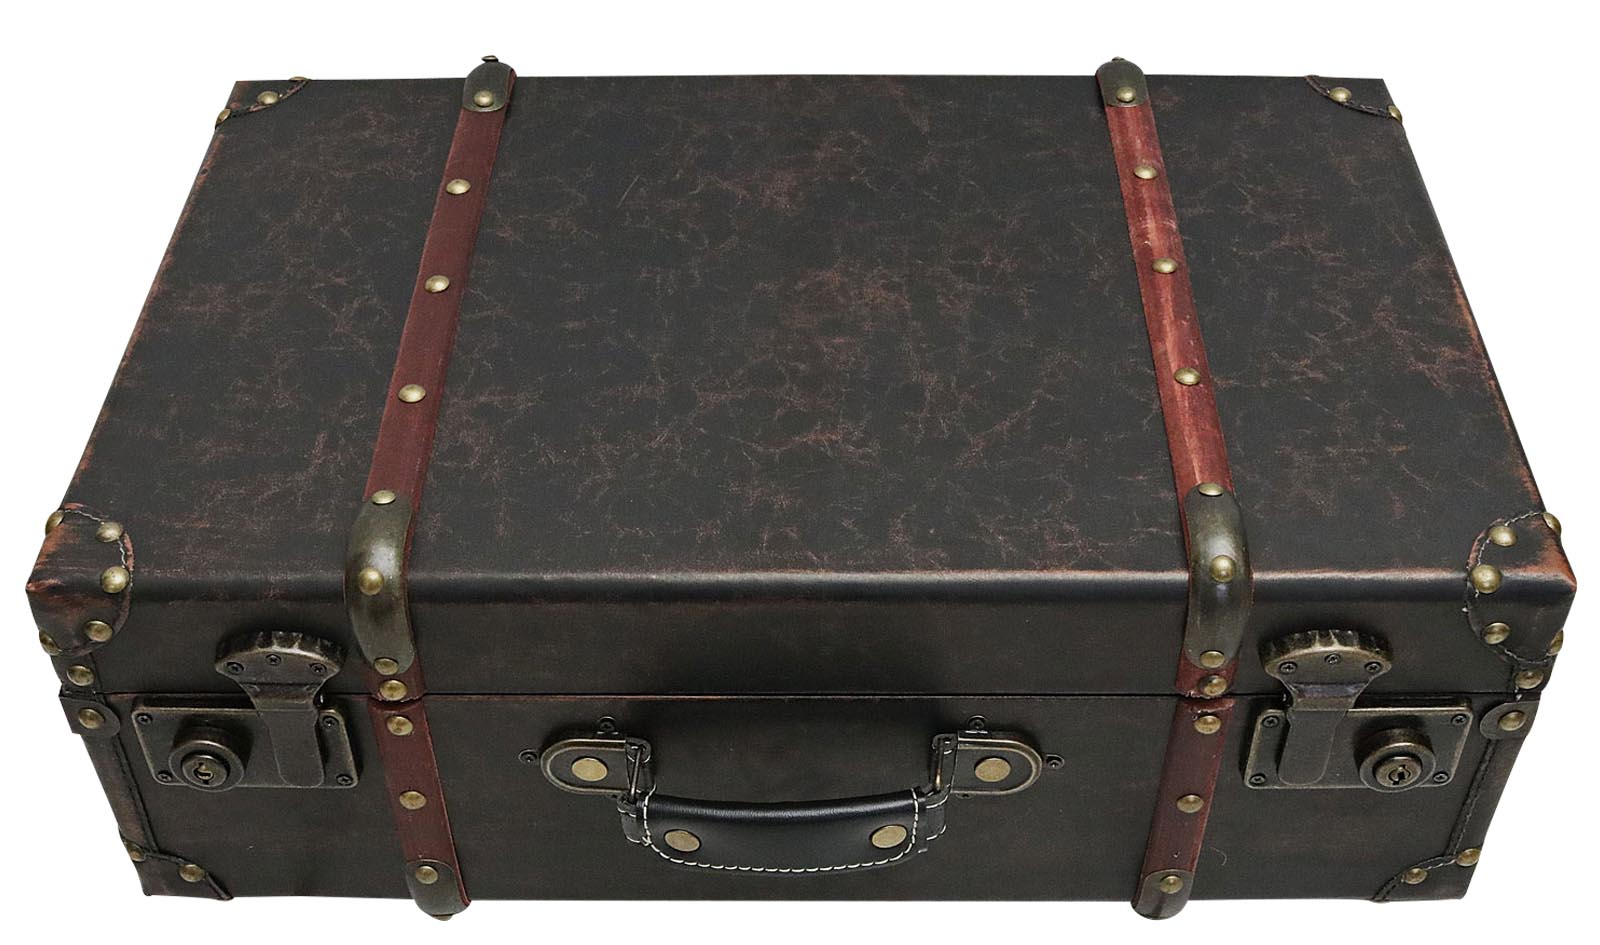 Koffer Holzkoffer 50cm Holz Nostalgie Antik-Stil Oldtimer braun vintage style